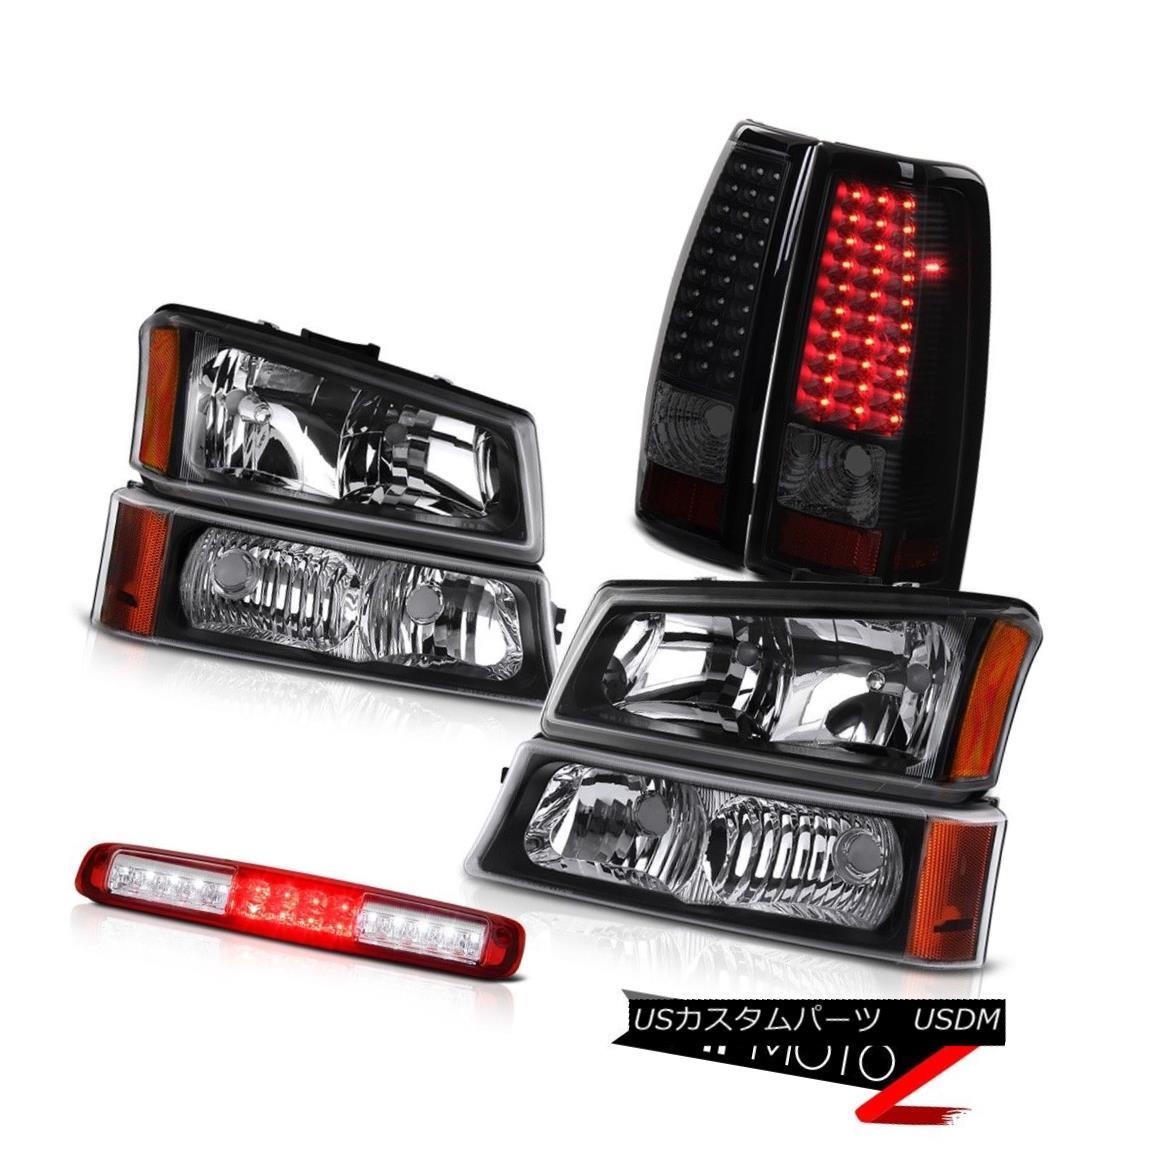 テールライト 03-06 Silverado 1500 Signal Lamp Wine Red Third Brake Headlights Tail Lamps SMD 03-06 Silverado 1500シグナルランプワインレッド第3ブレーキヘッドライトテールランプSMD